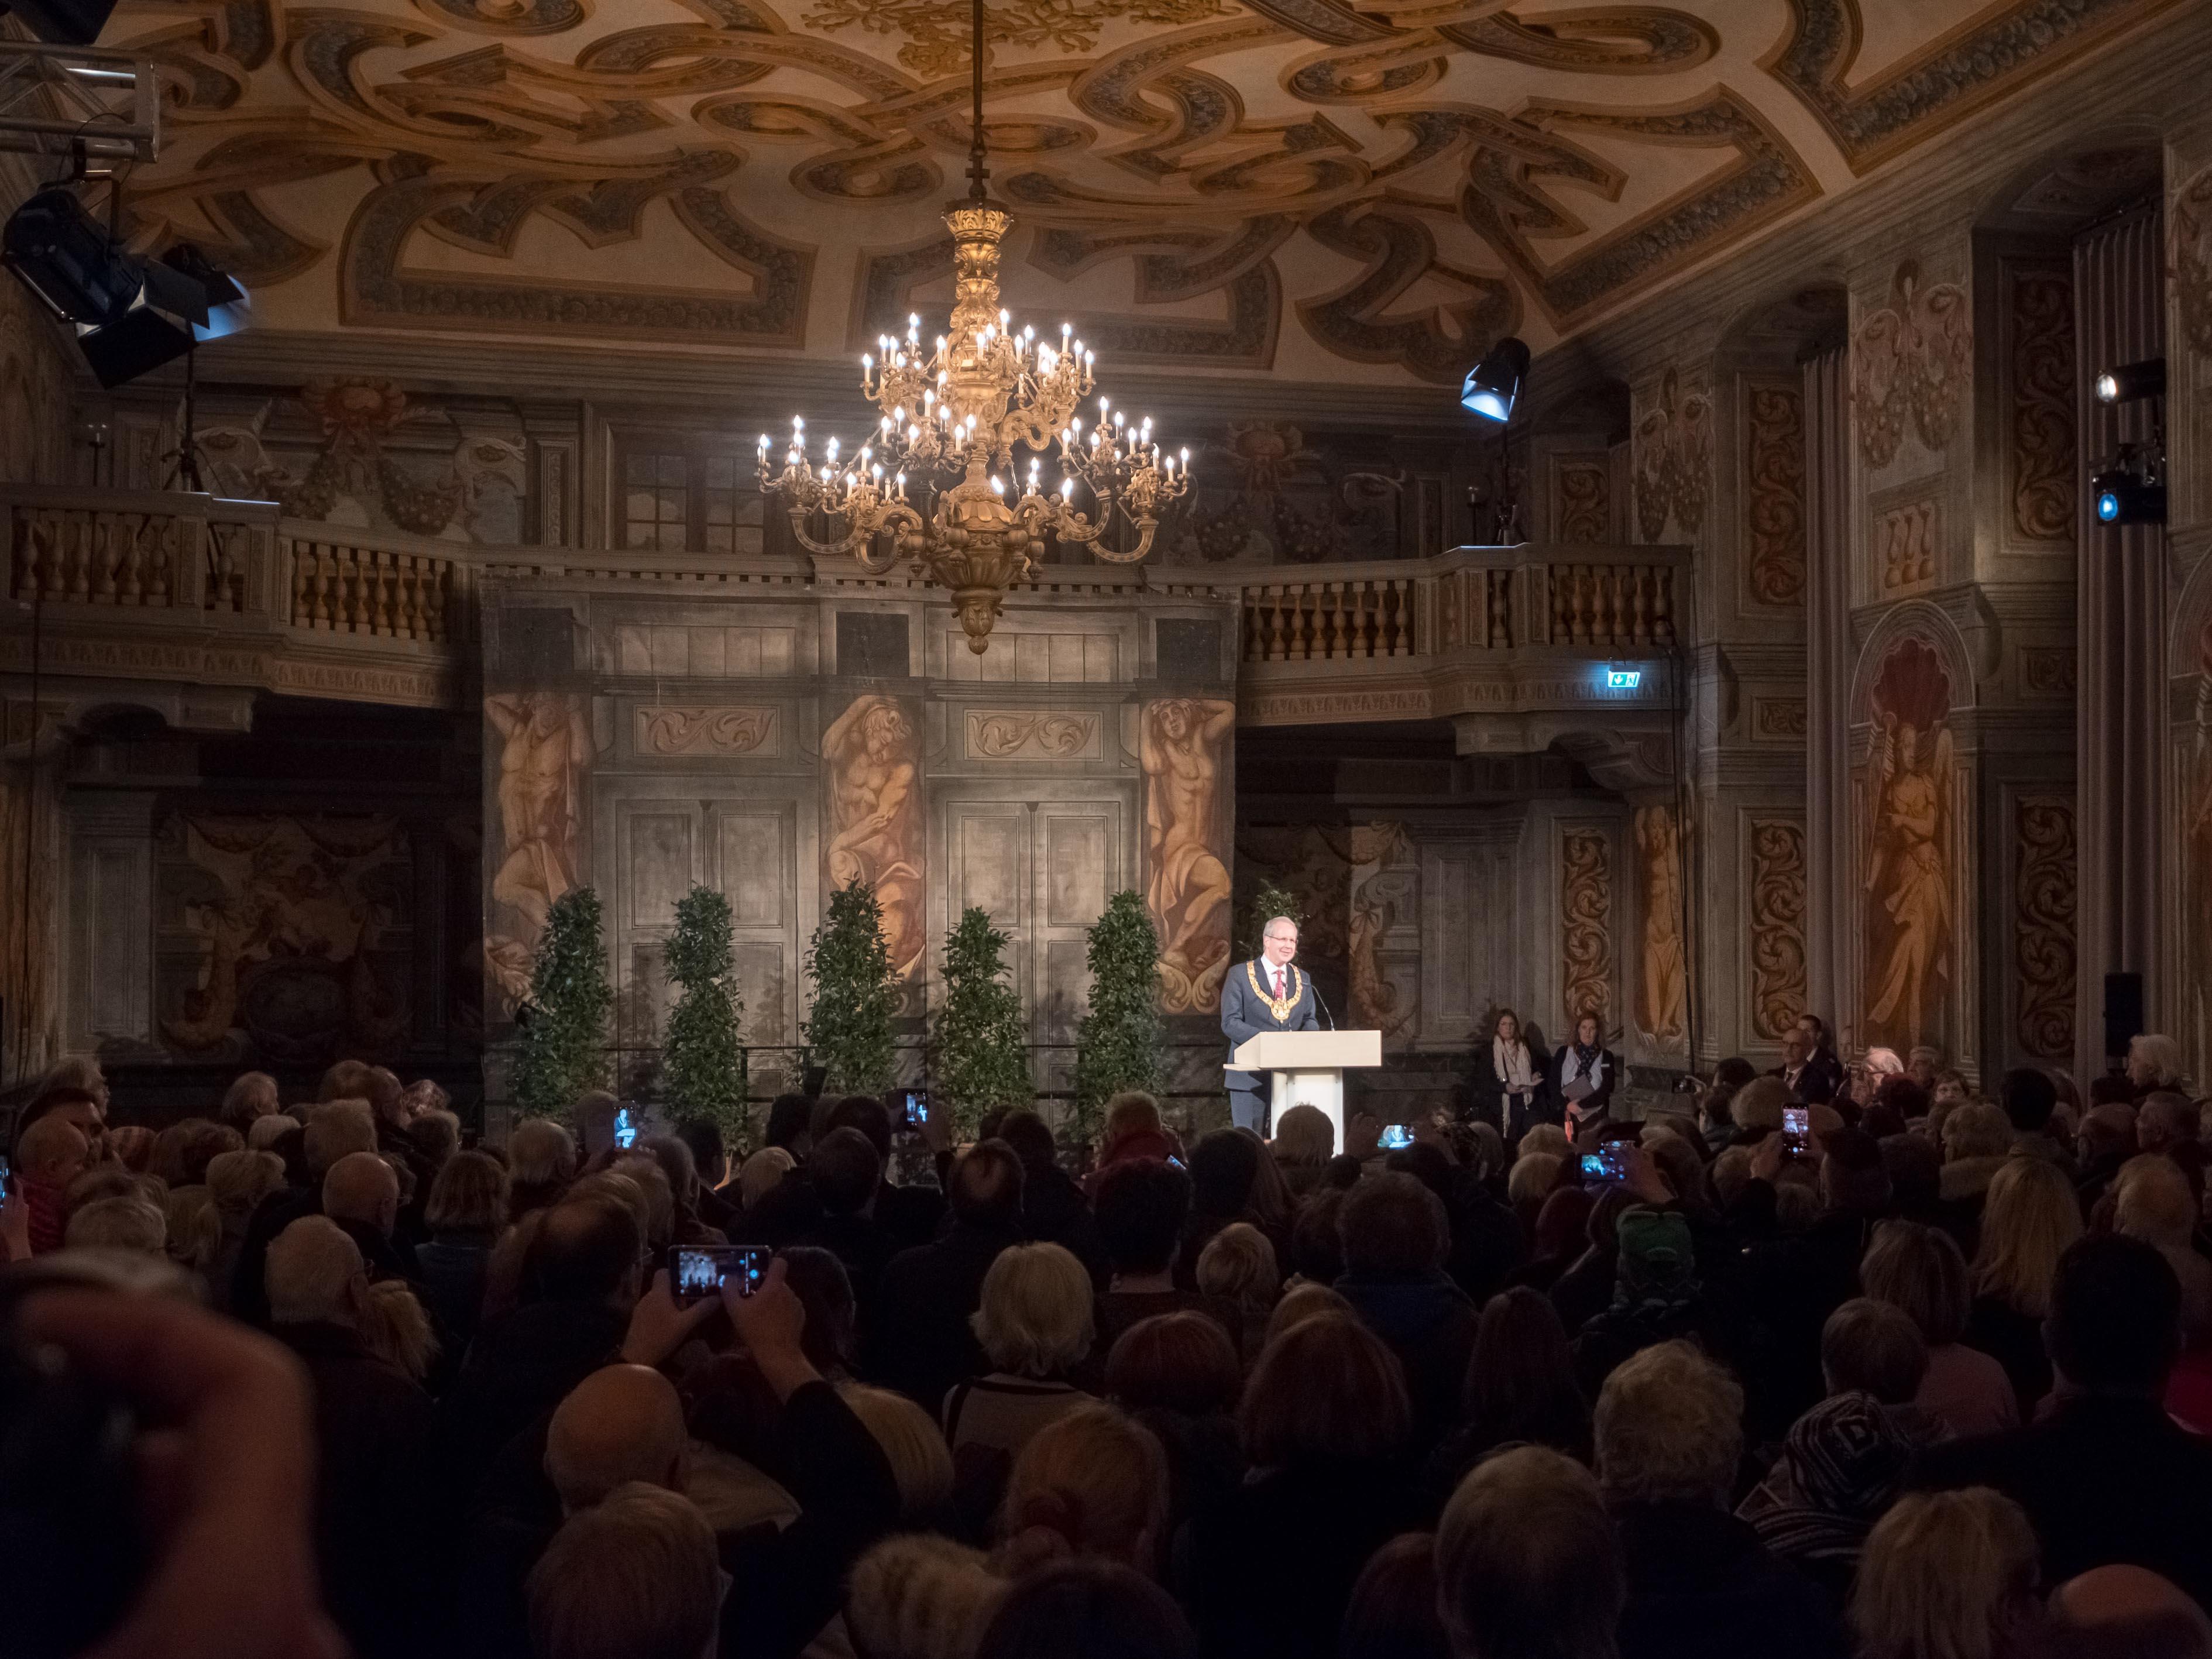 Blick in eine Galerie. Auf der Bühne steht ein Mann, der zu zahlreichen Besucherinnen und Besuchern spricht.